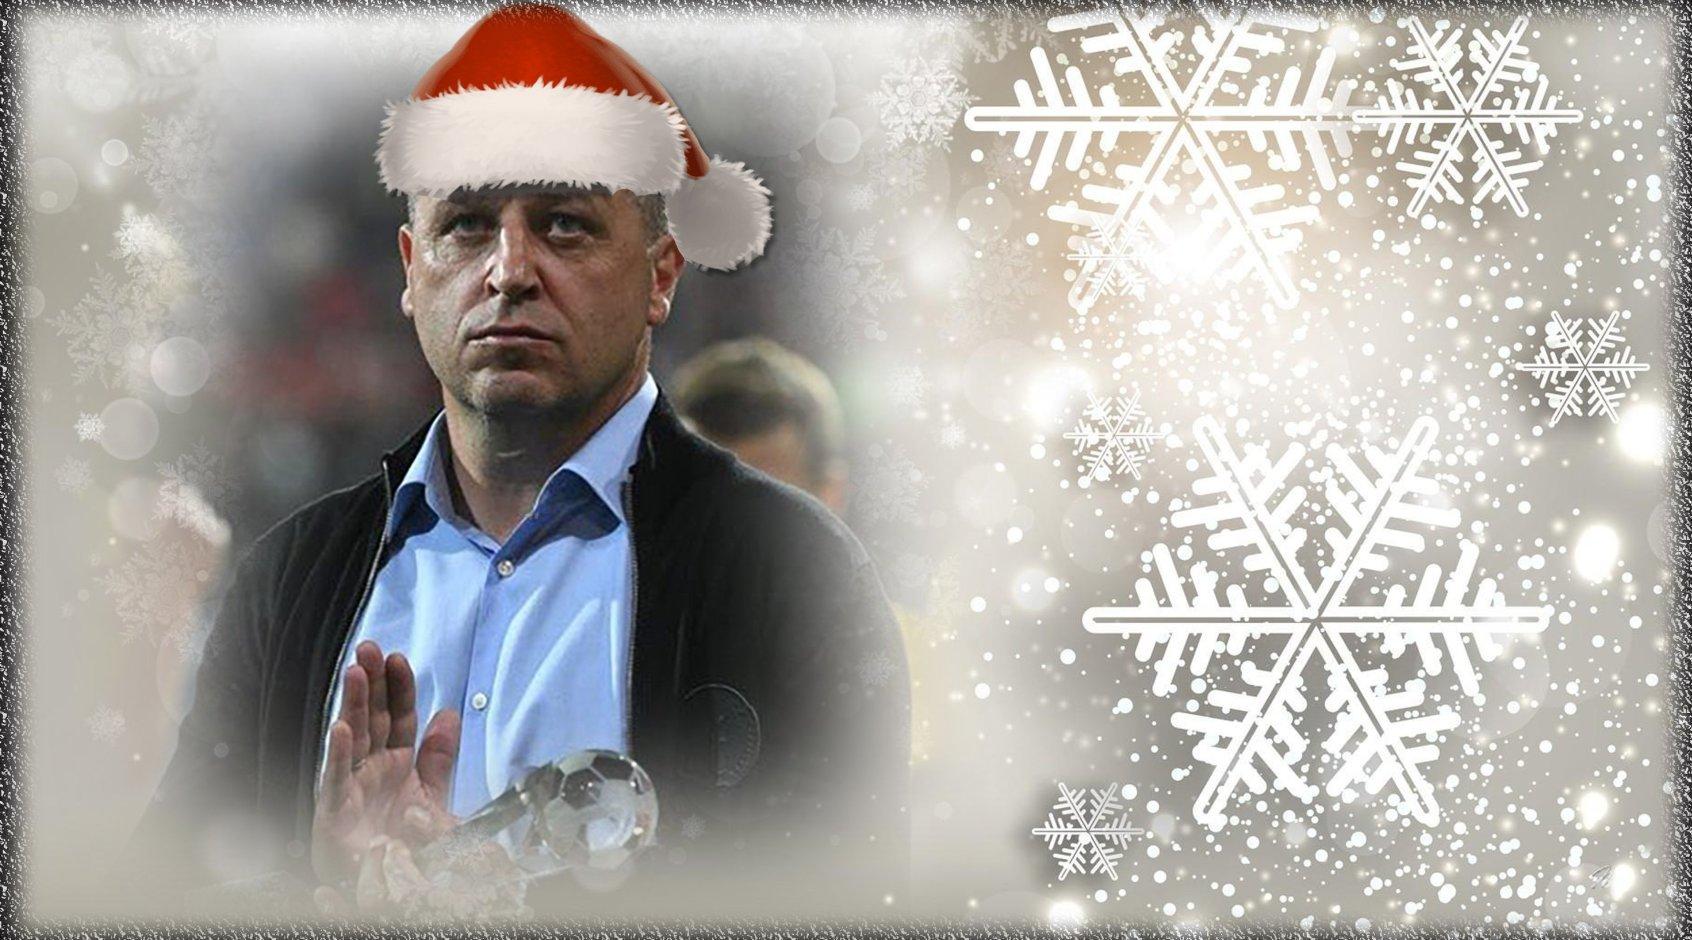 Новогодняя открытка: Юрий Вернидуб